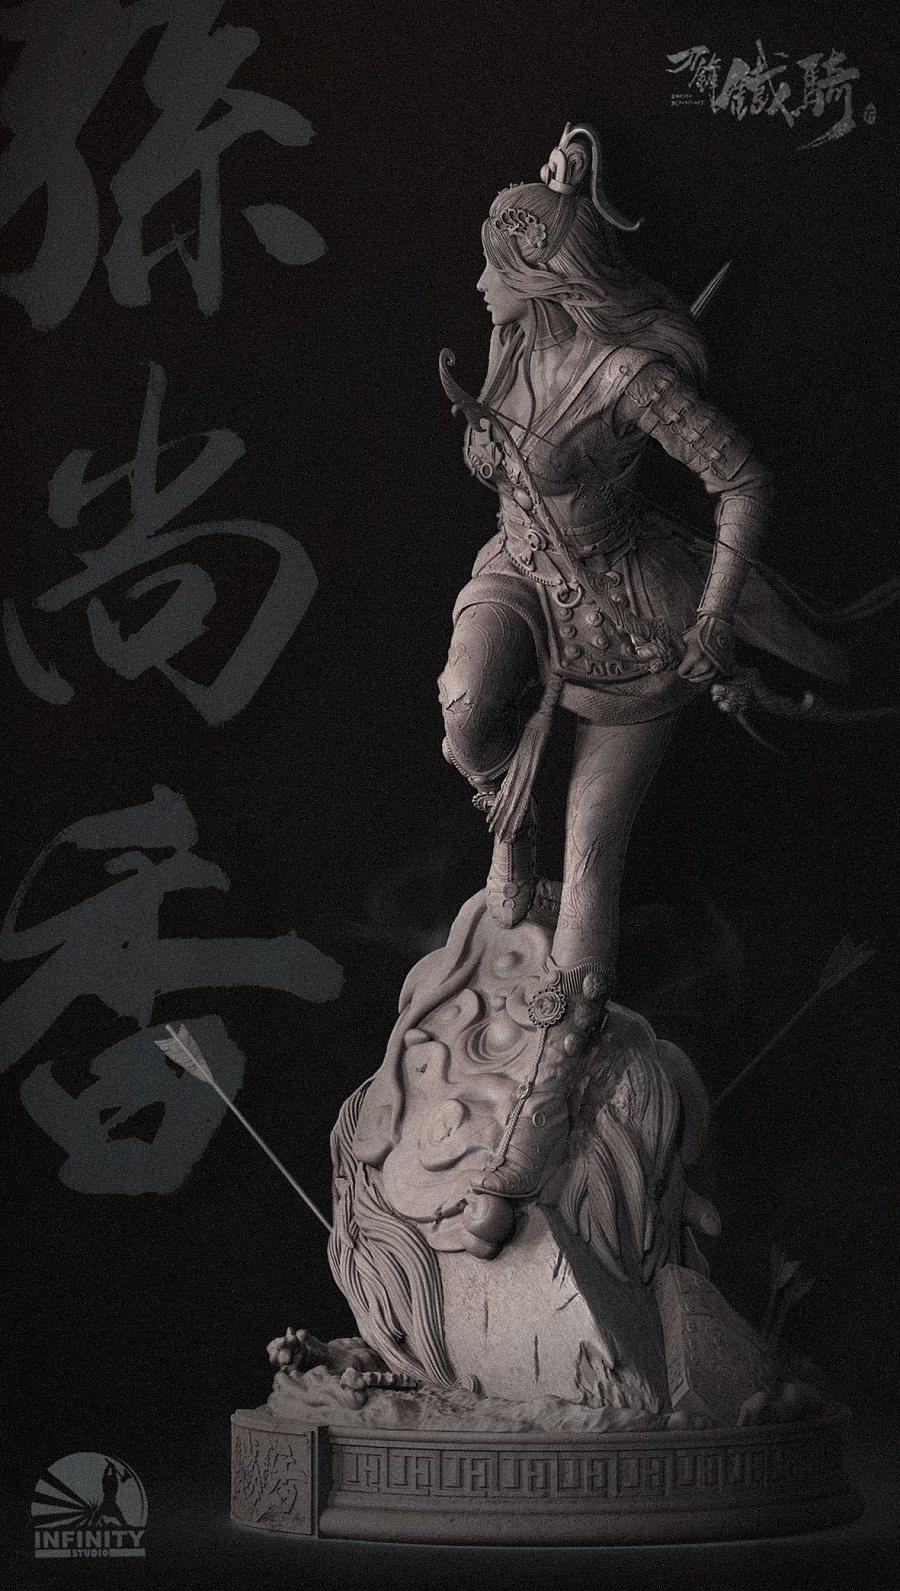 查看《三国系列 首款女将 1/4 孙尚香 》原图,原图尺寸:1181x2088